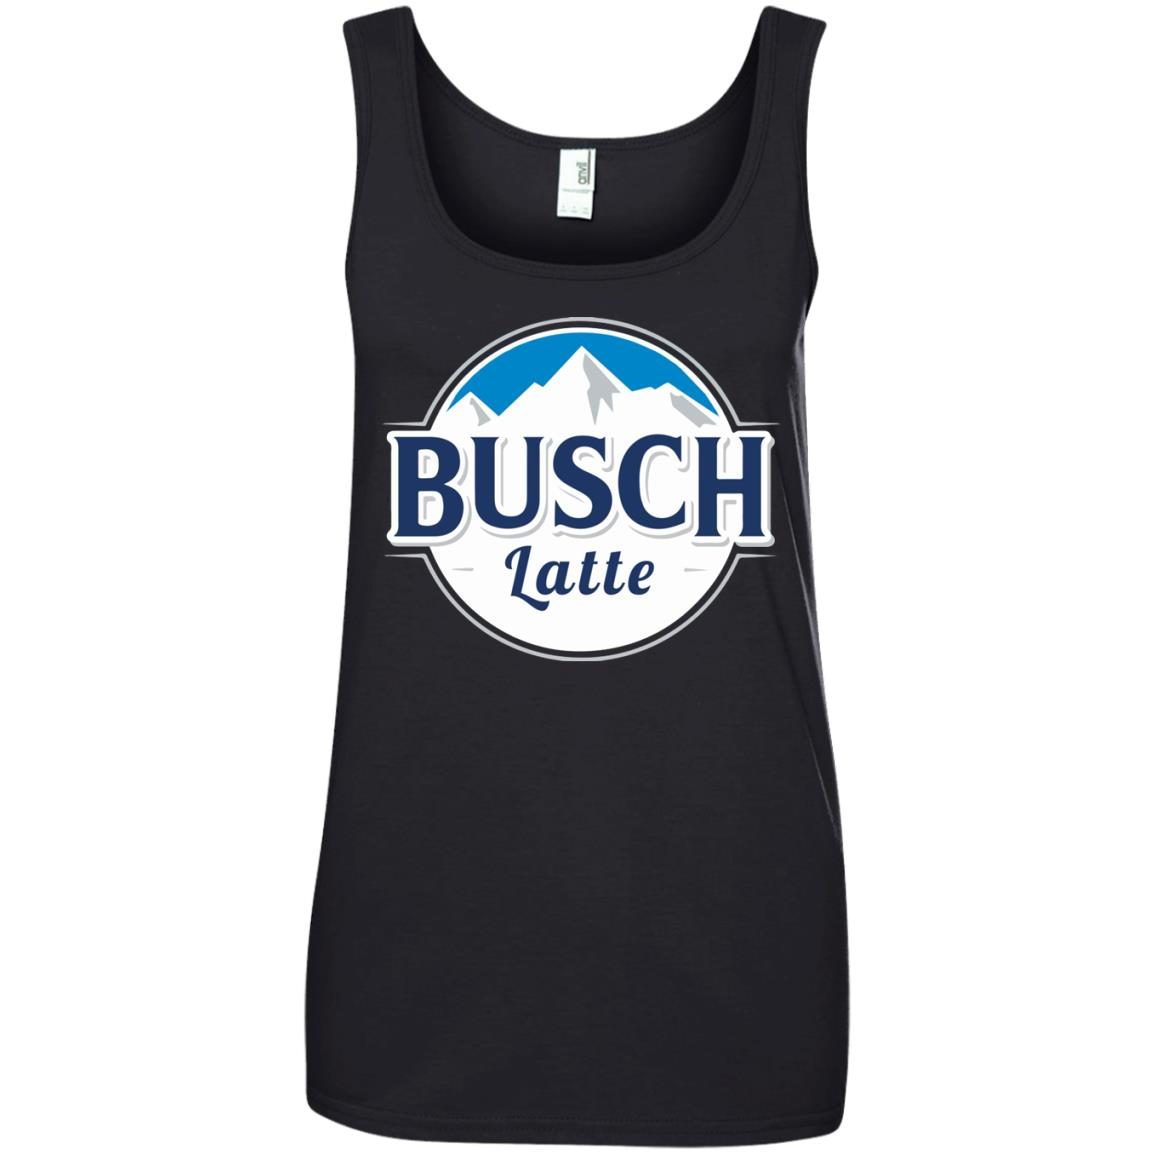 Busch Light Busch Latte T-shirt, Hoodie, Long Sleeve